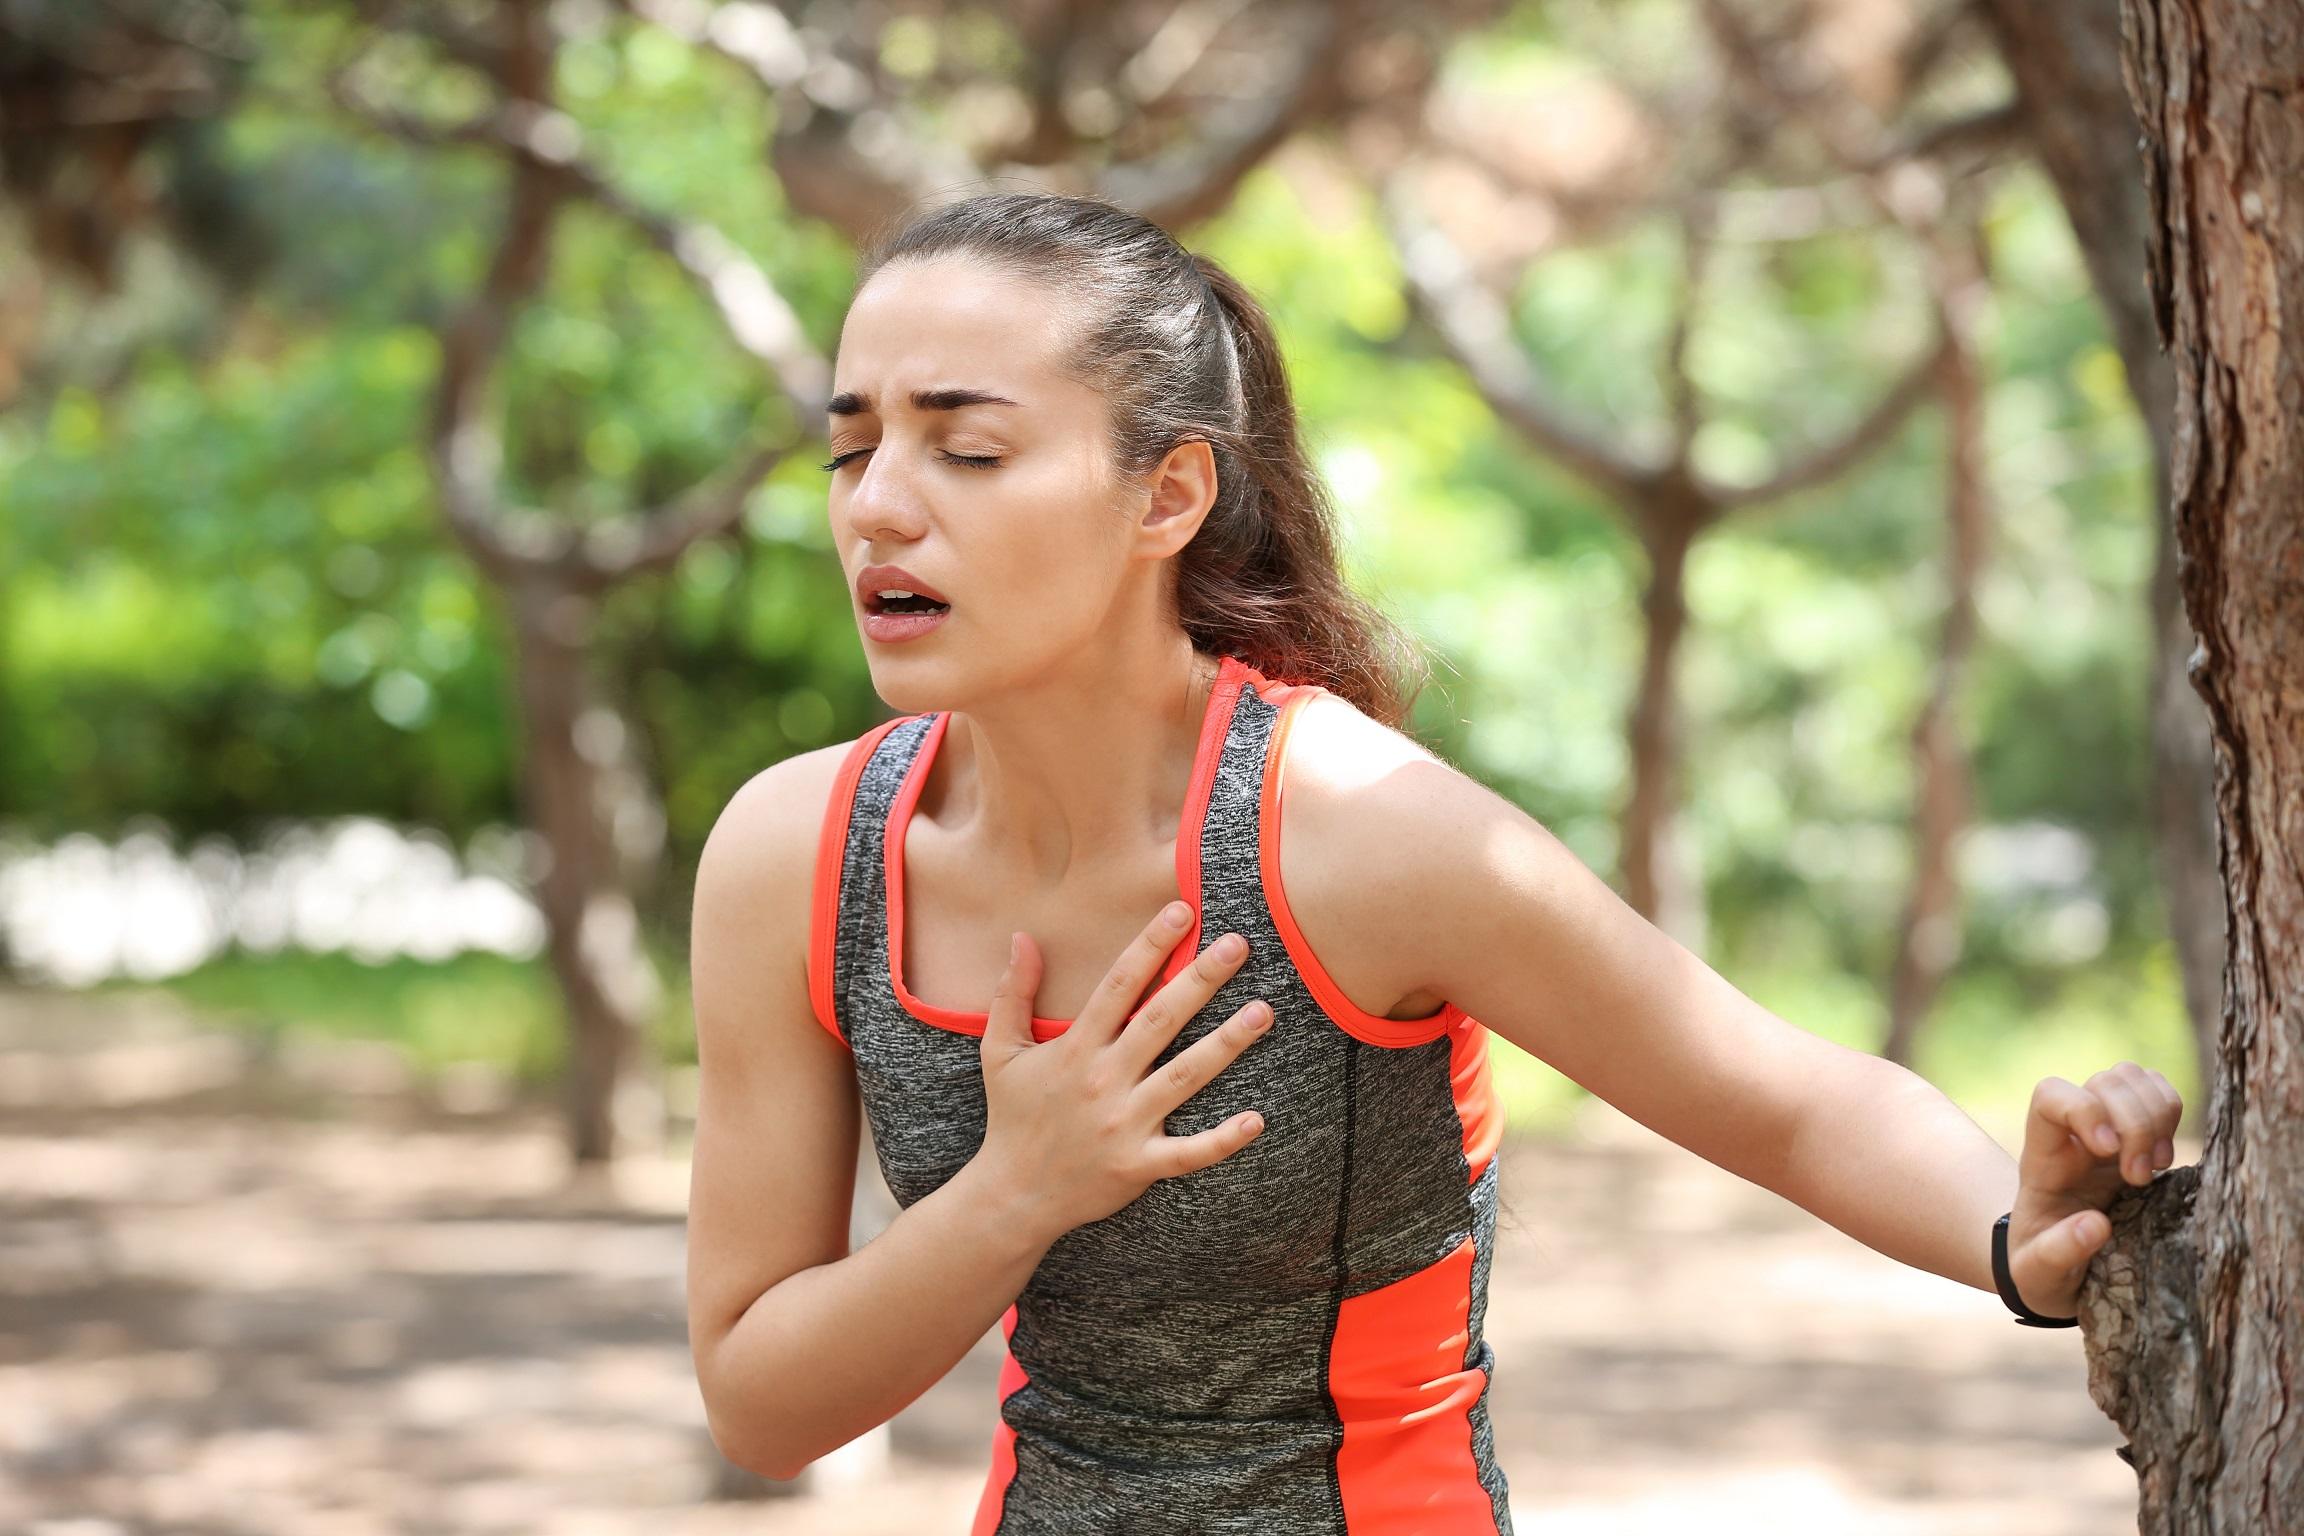 Tipy a zajímavosti / Důvodem pro vznik Center sportovní kardiologie jsou především náhlé srdeční zástavy a úmrtí u mladých sportovců